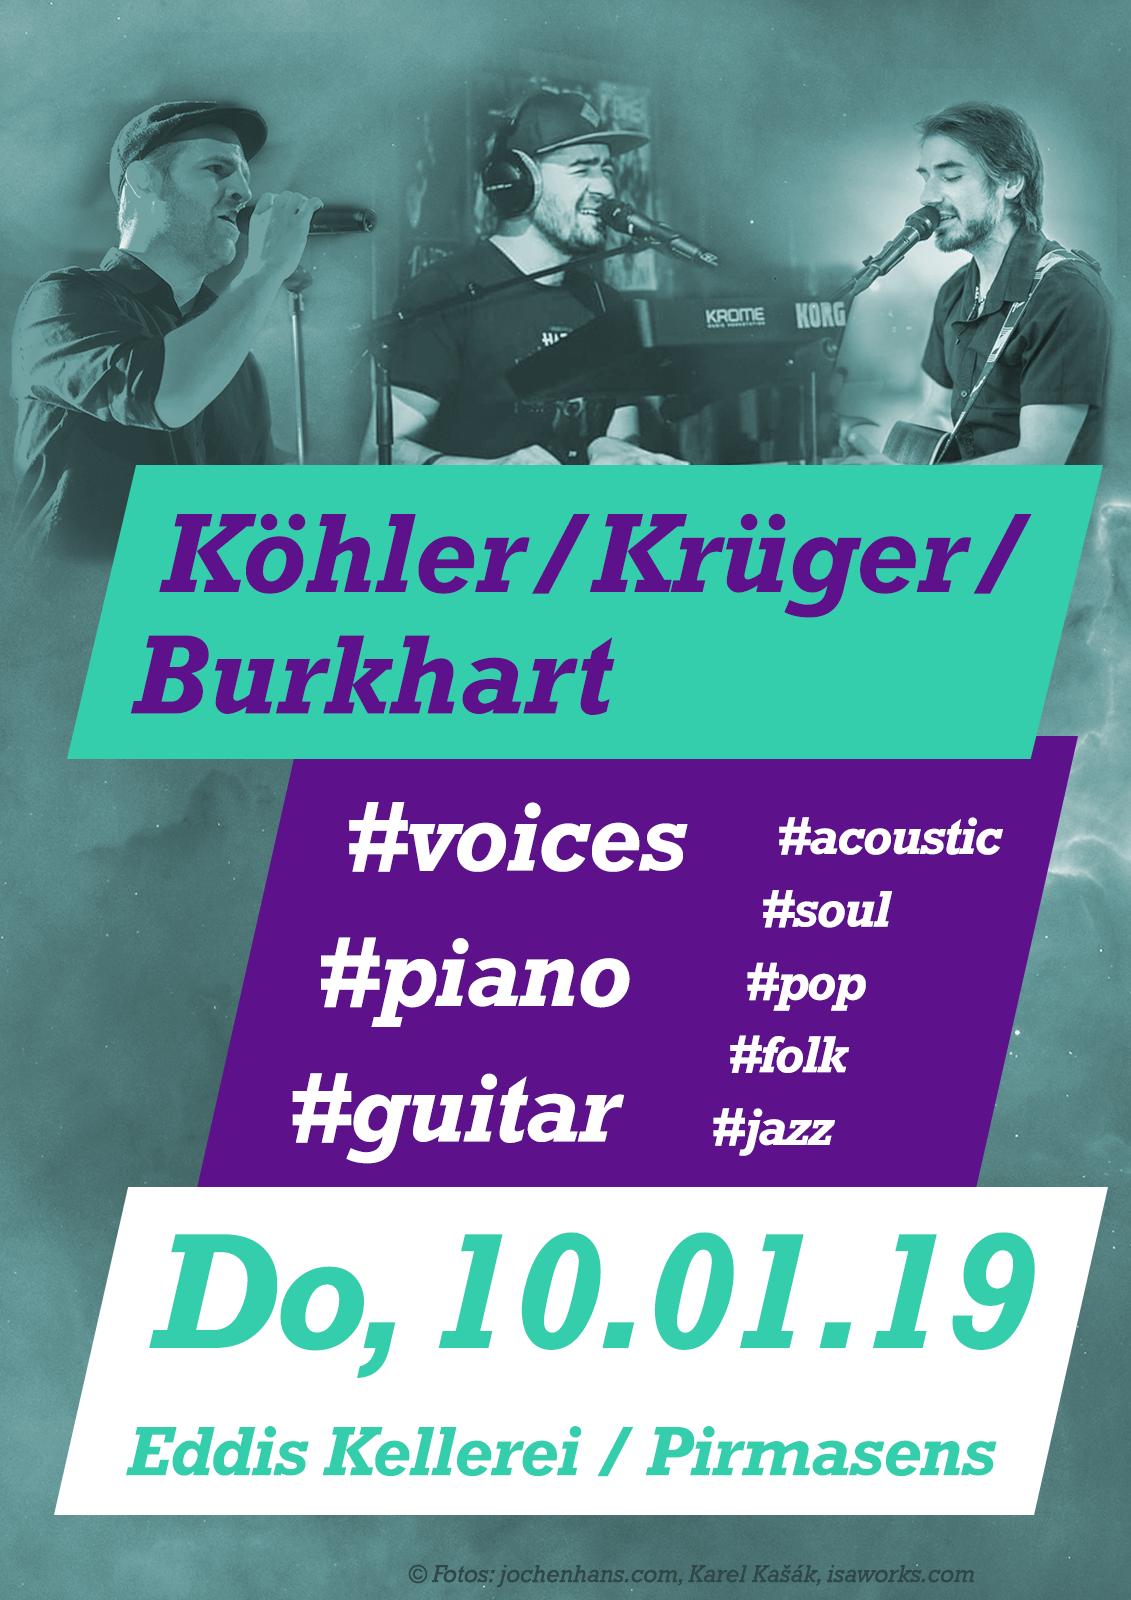 Köhler, Krüger, Burkhart